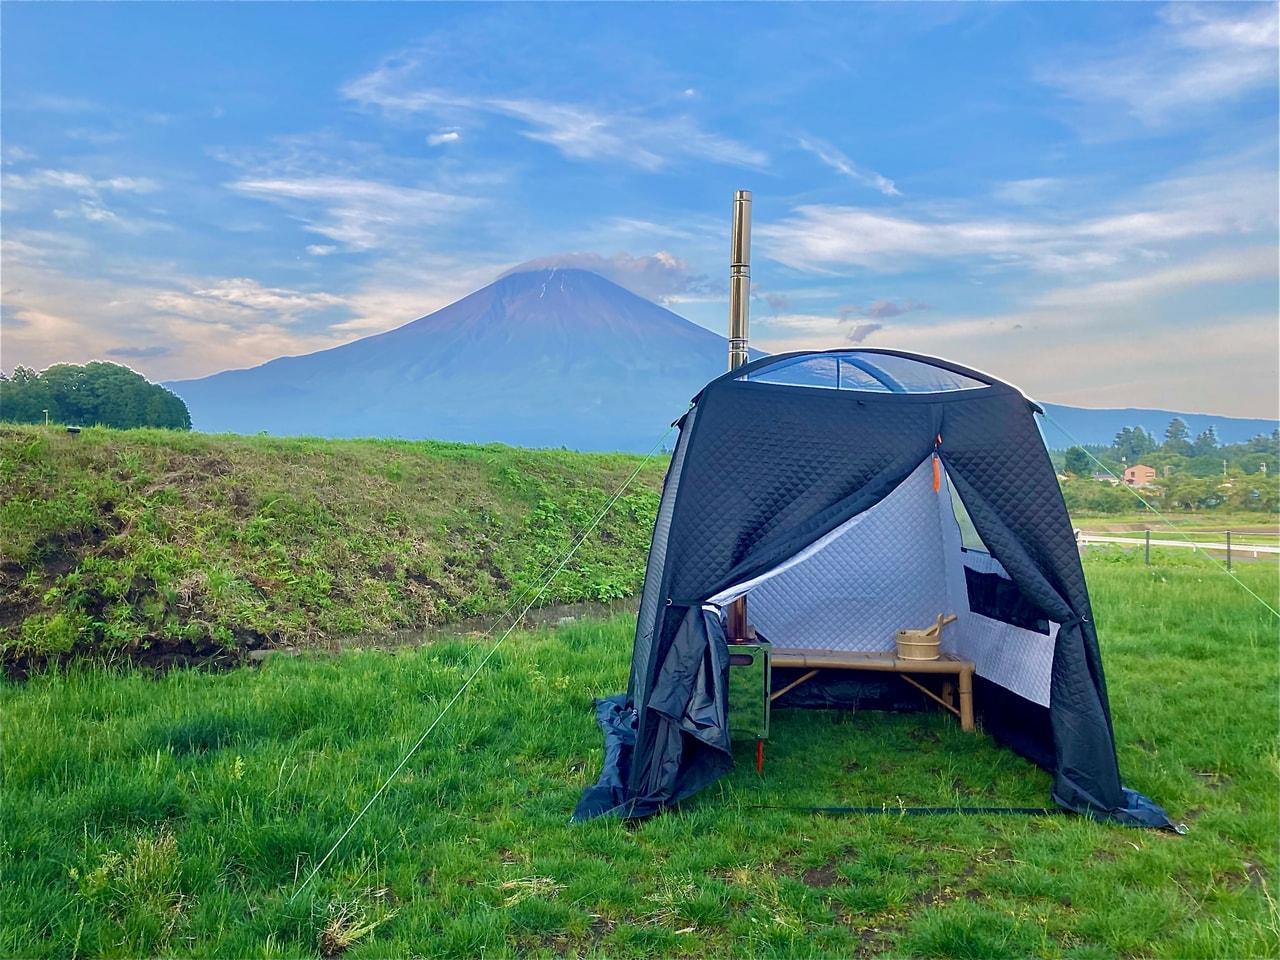 富士山の前にサウナ!?1日1組限定のグランピング施設でアウトドアサウナを体験しよう!